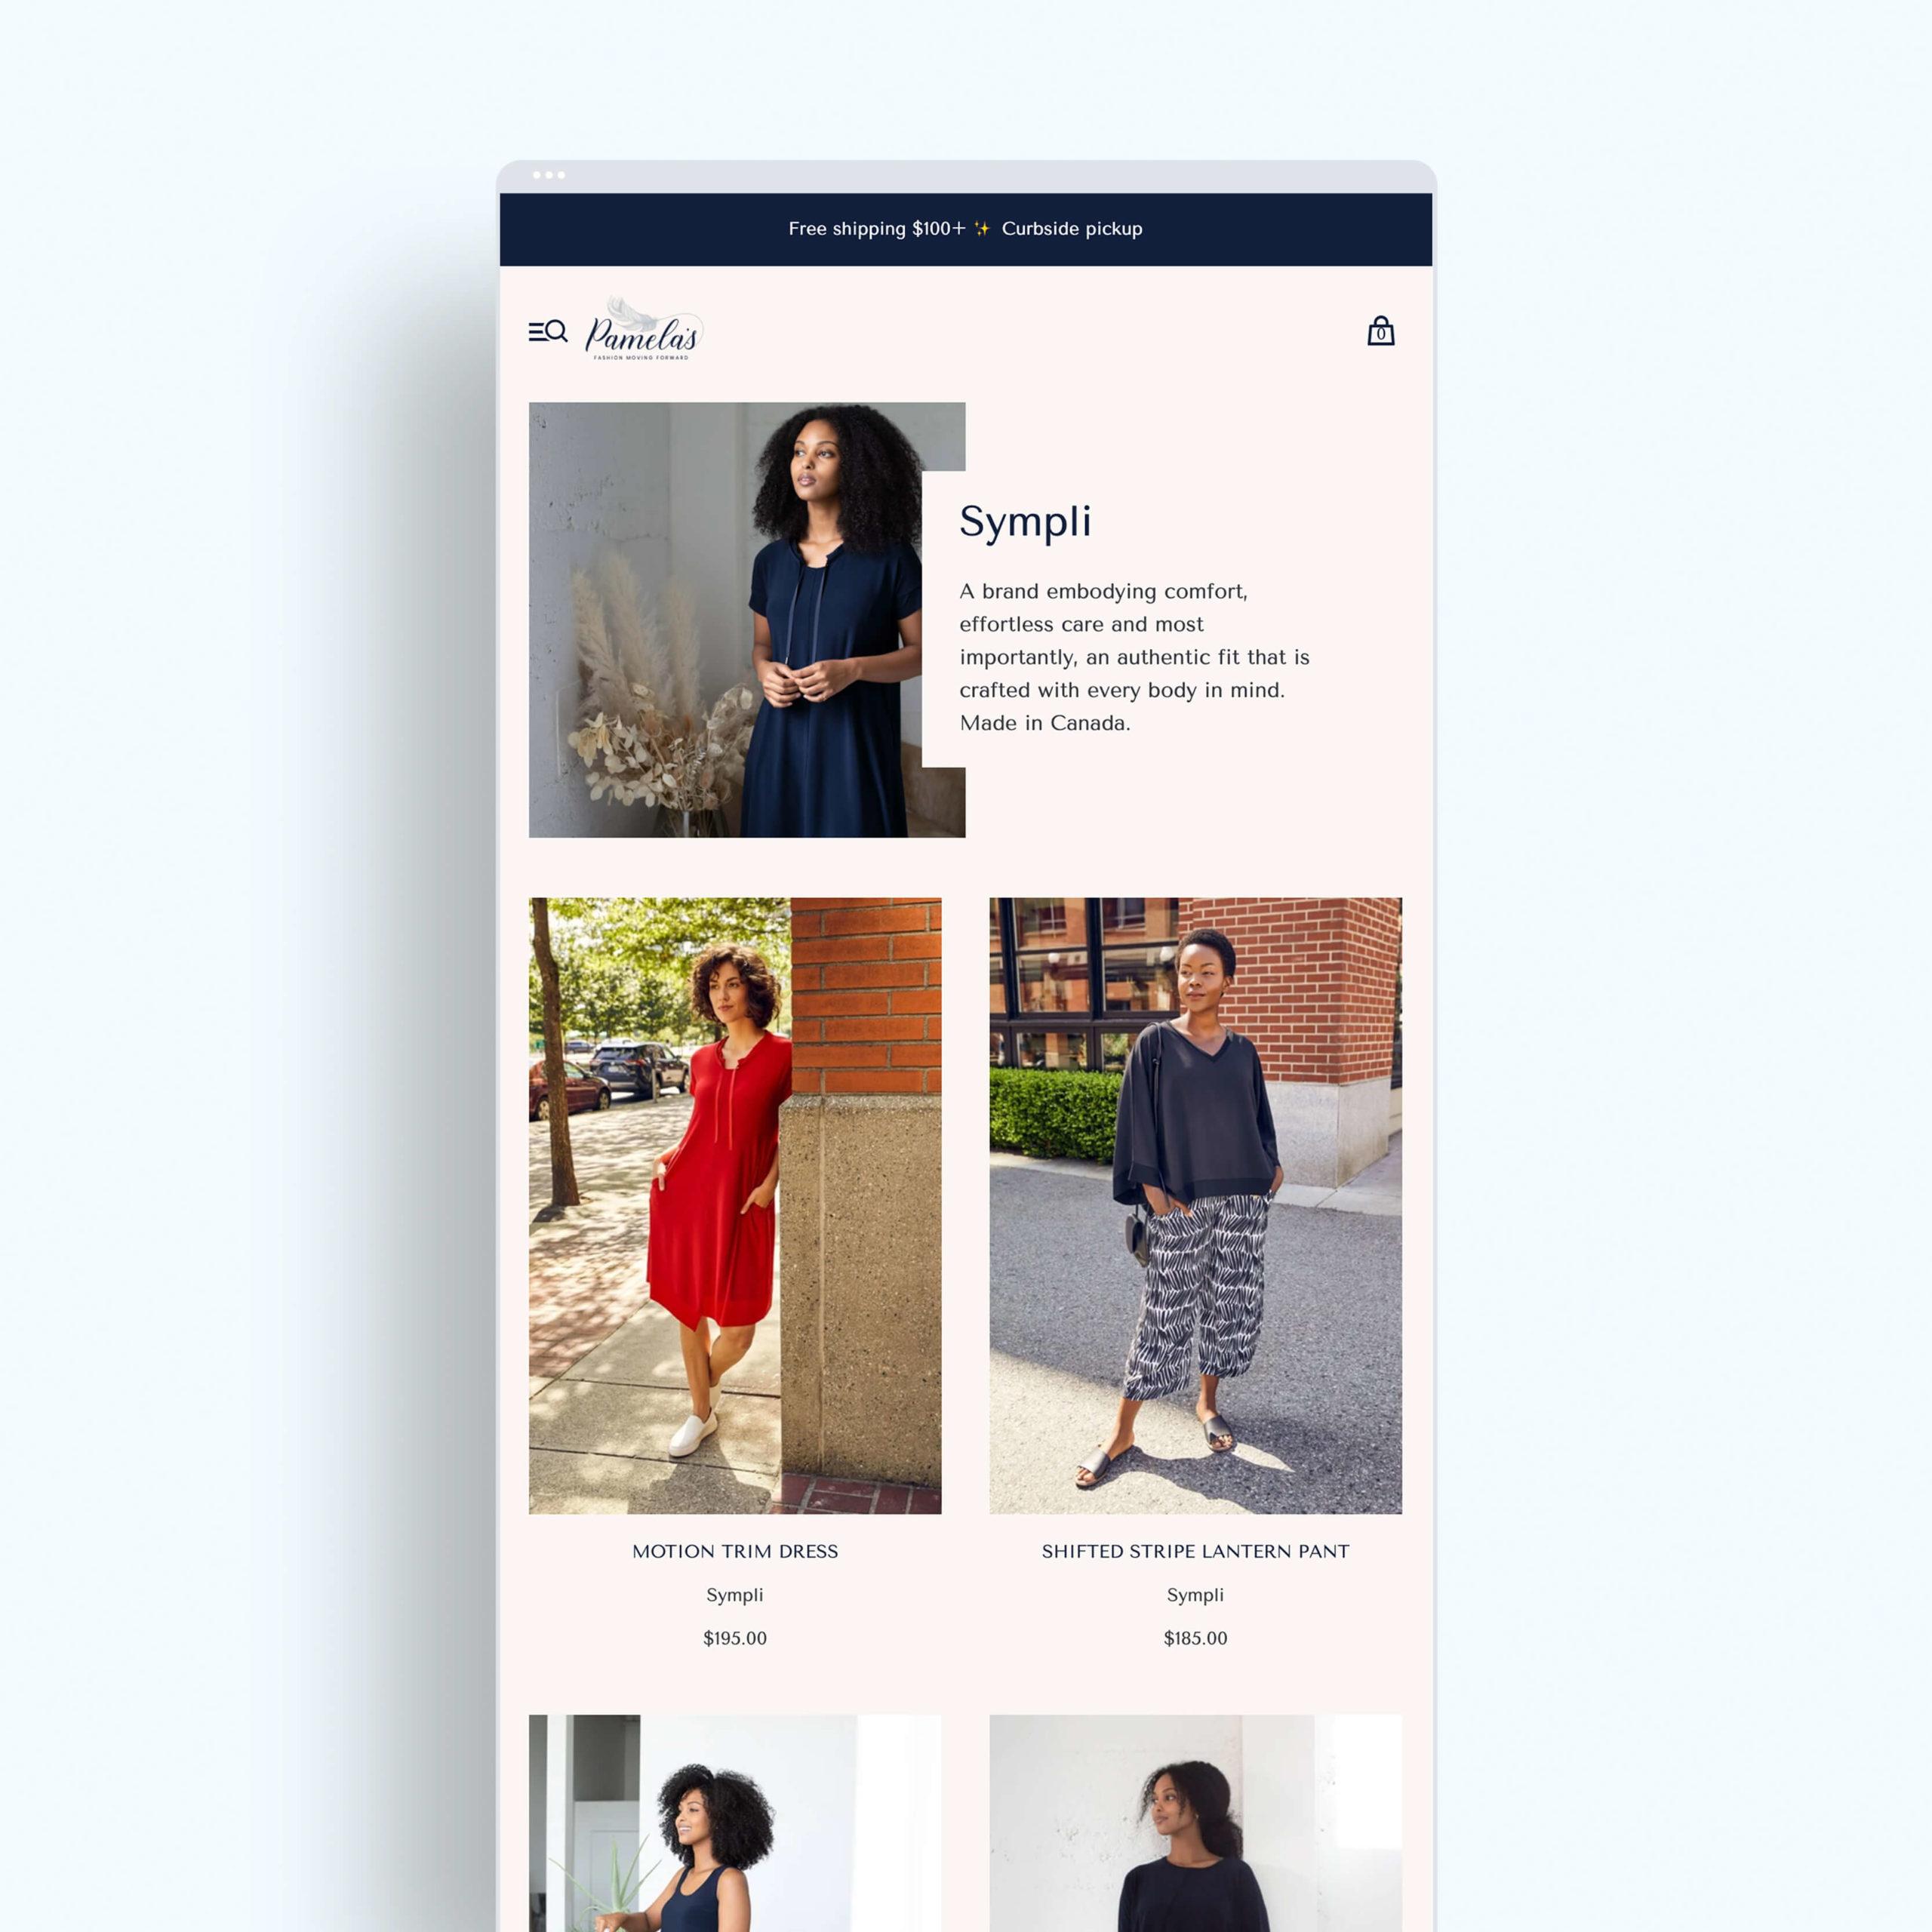 Pamela's Shopify website design